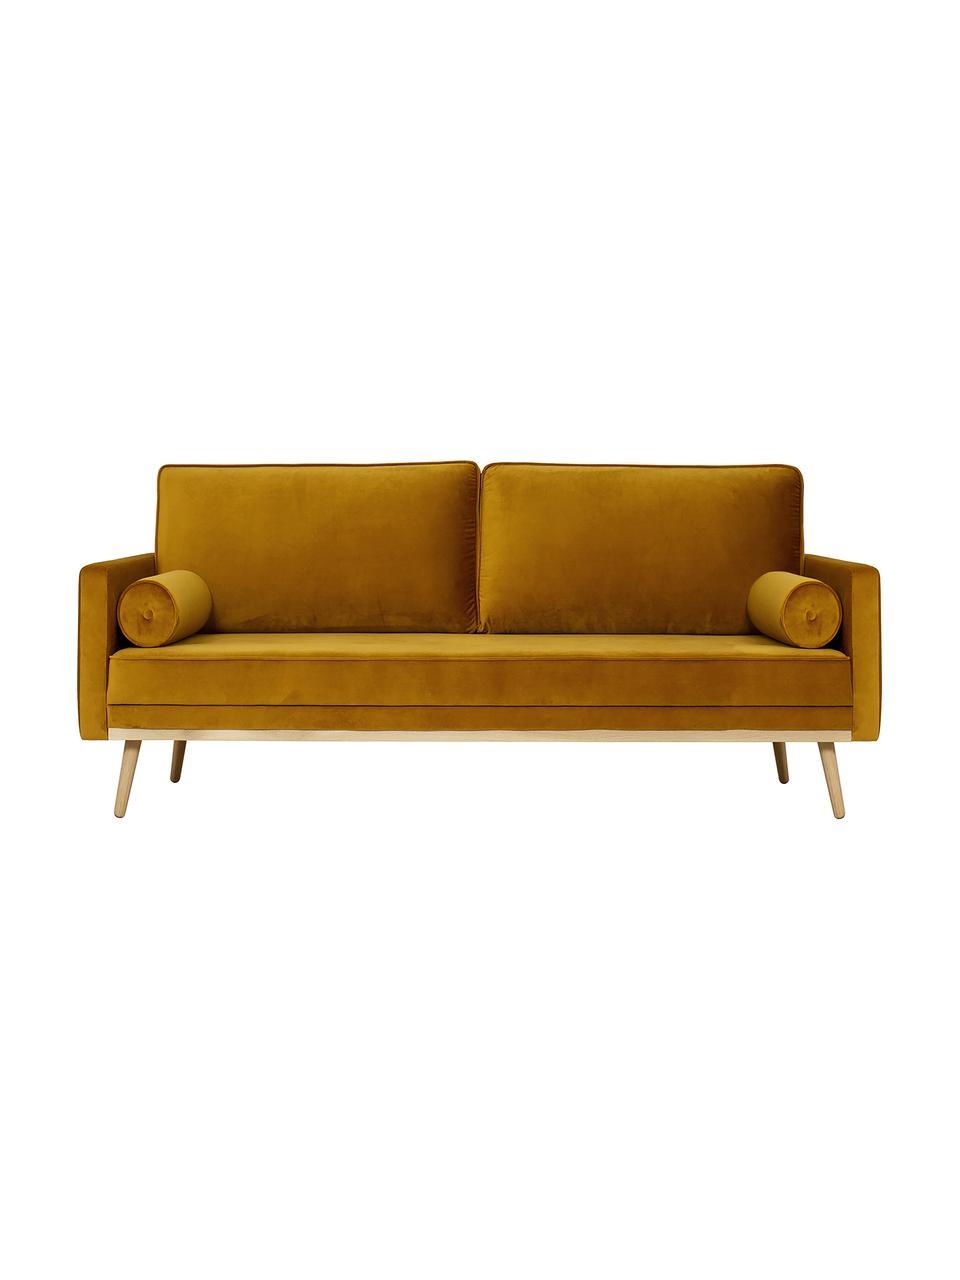 Canapé 3places velours jaune moutarde Saint, Velours jaune moutarde